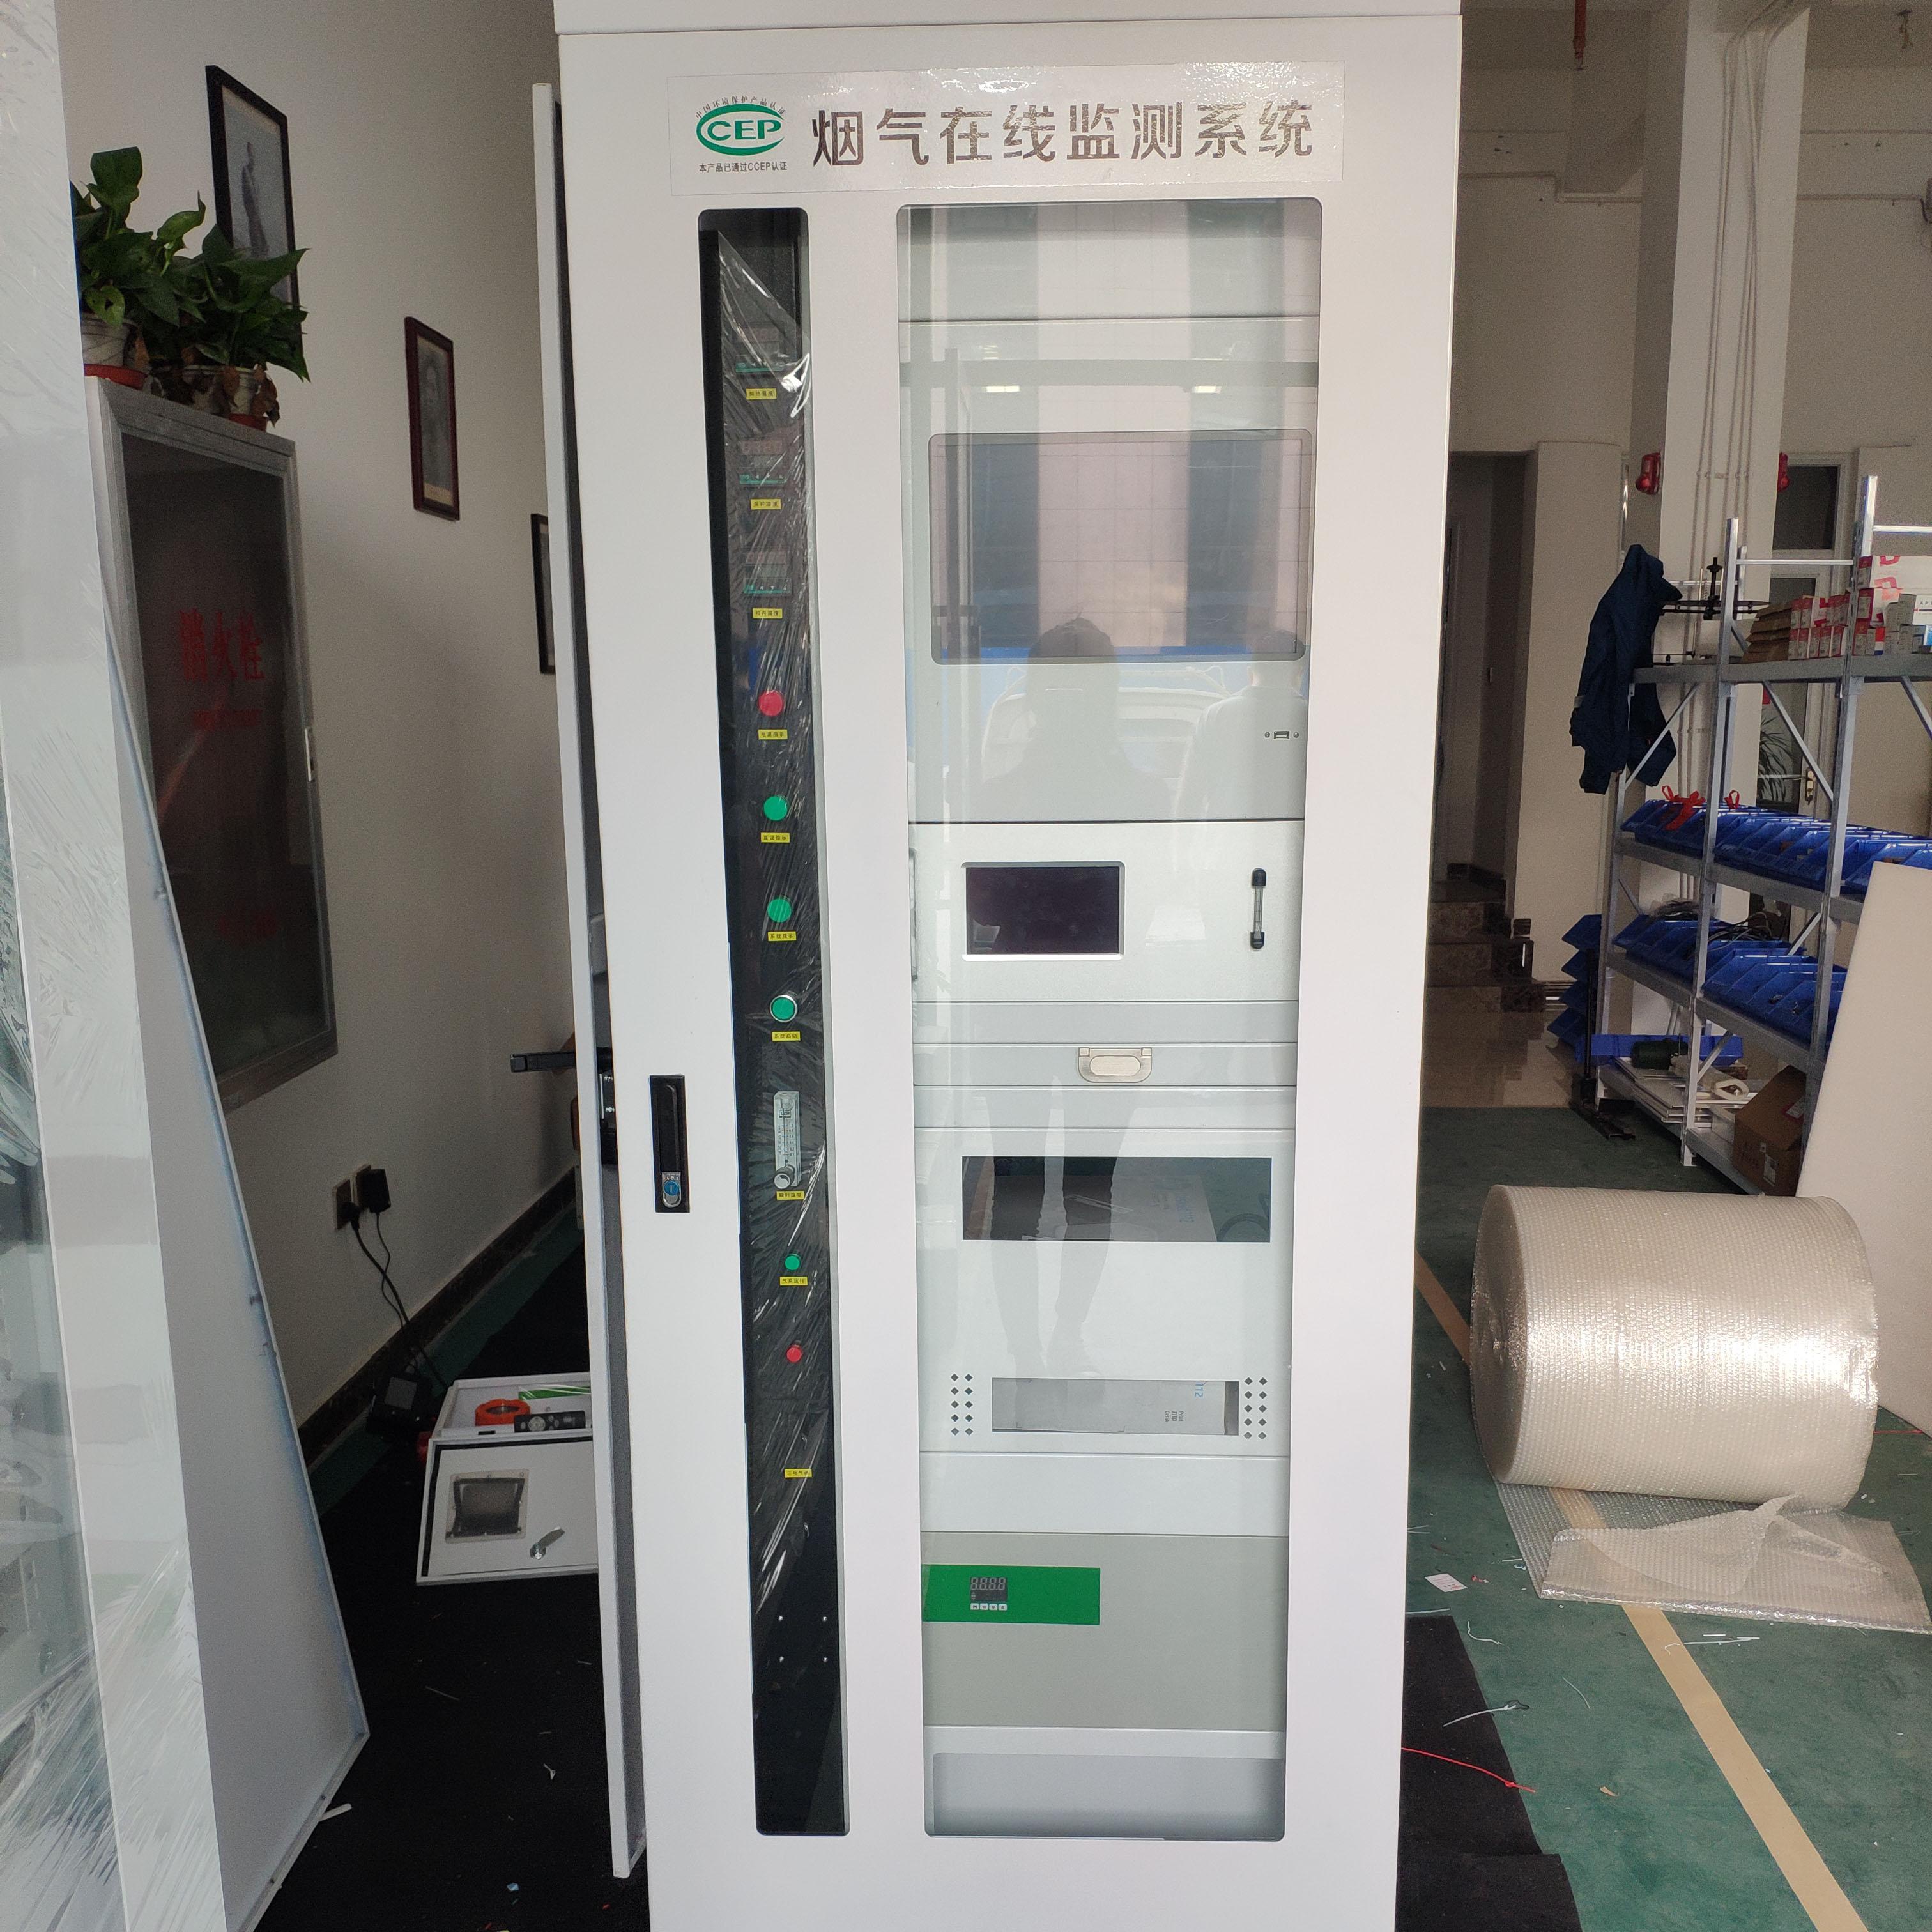 供應 CEMS煙氣在線監測設備  煙氣分析儀  廠家